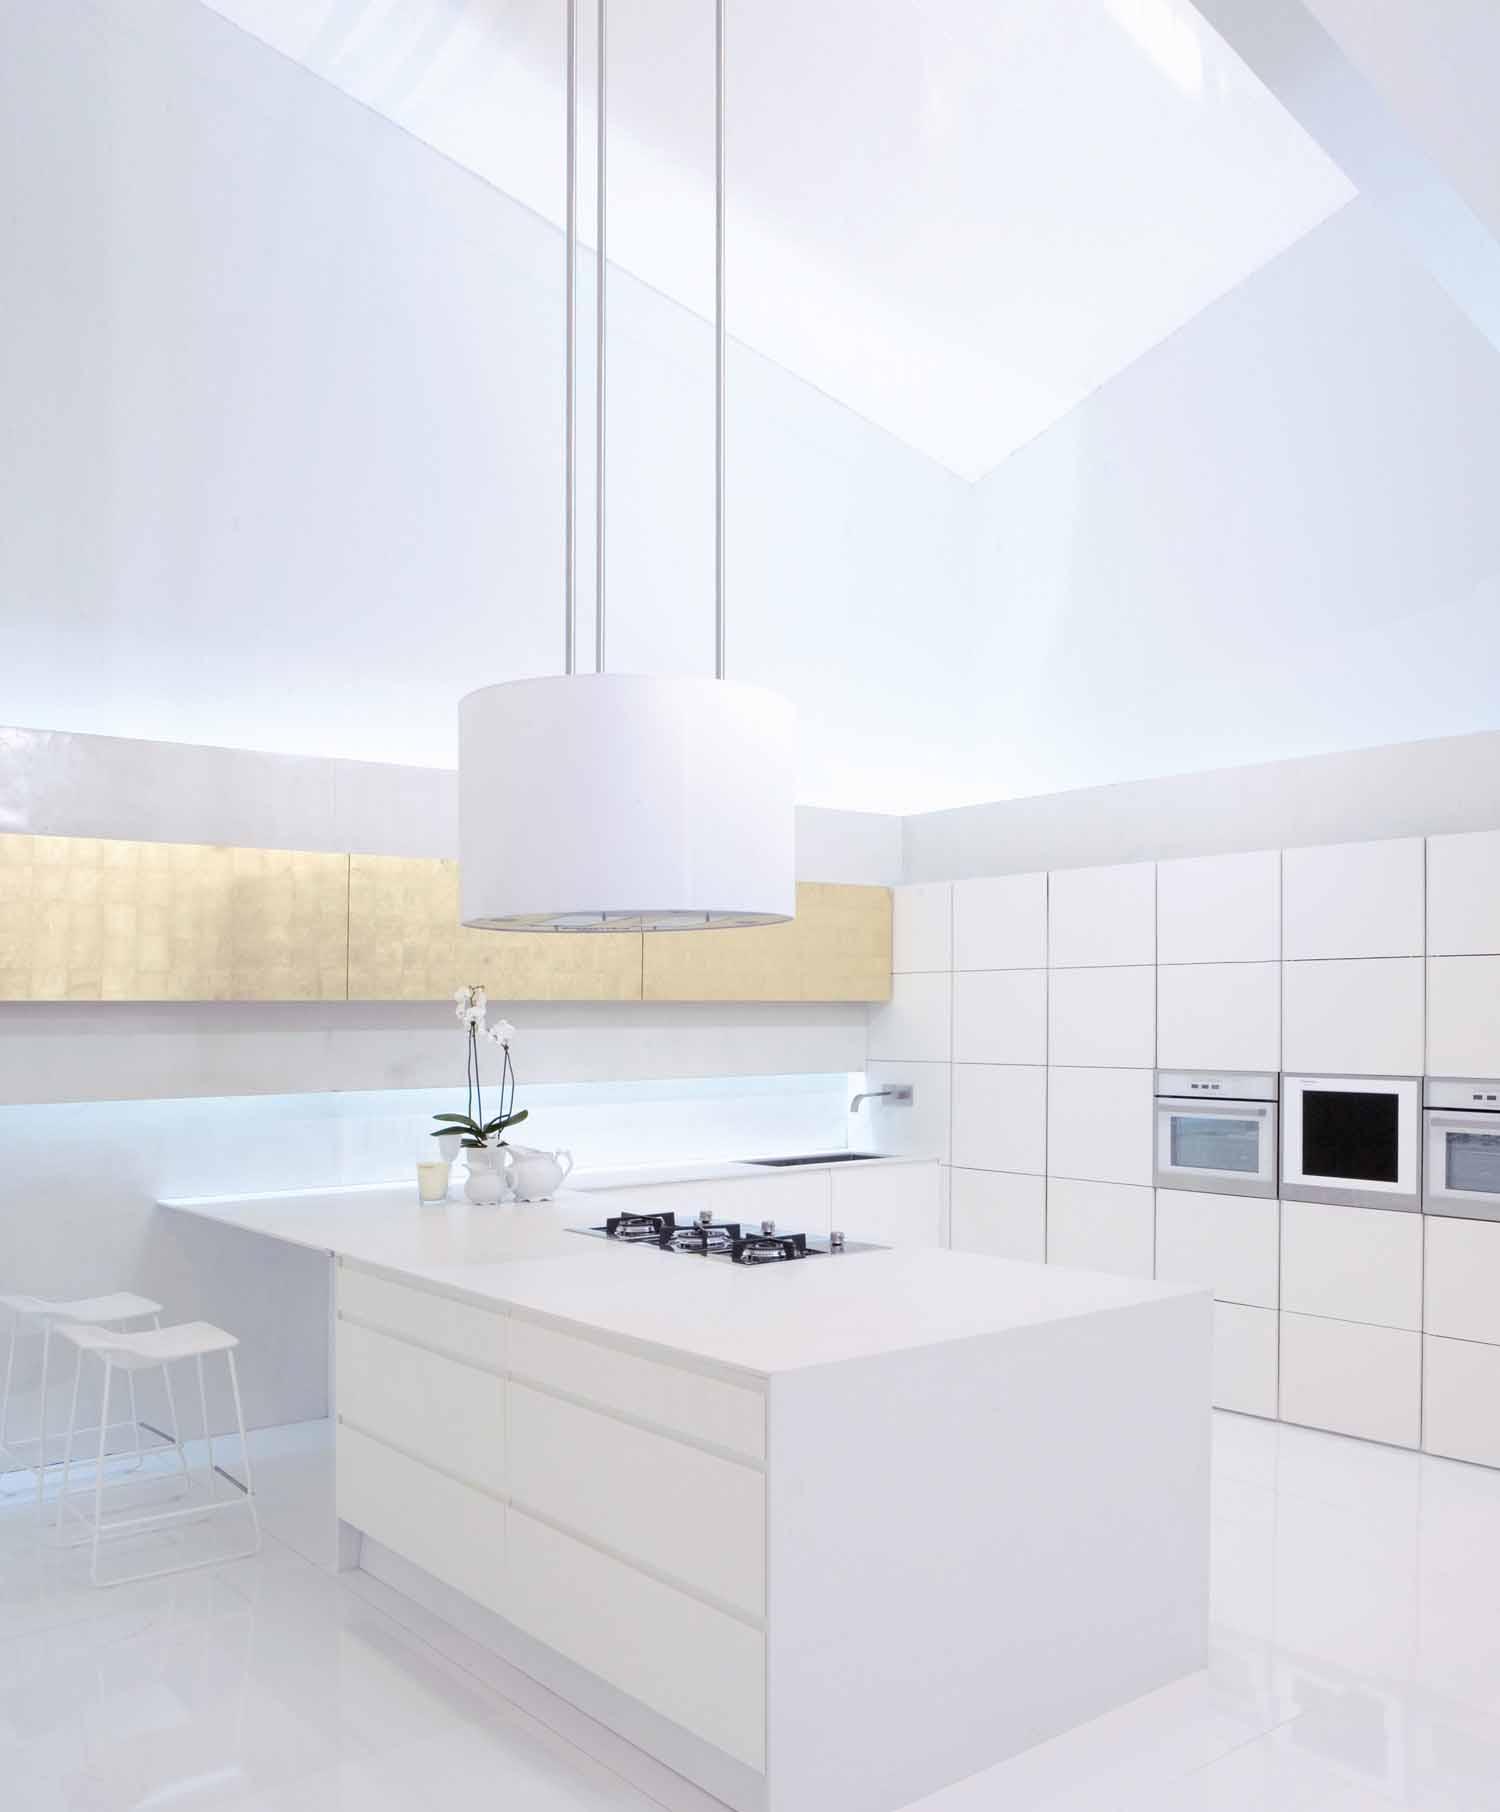 silestone-quartz-kitchen-cocina-blanco-zeus-extreme-2